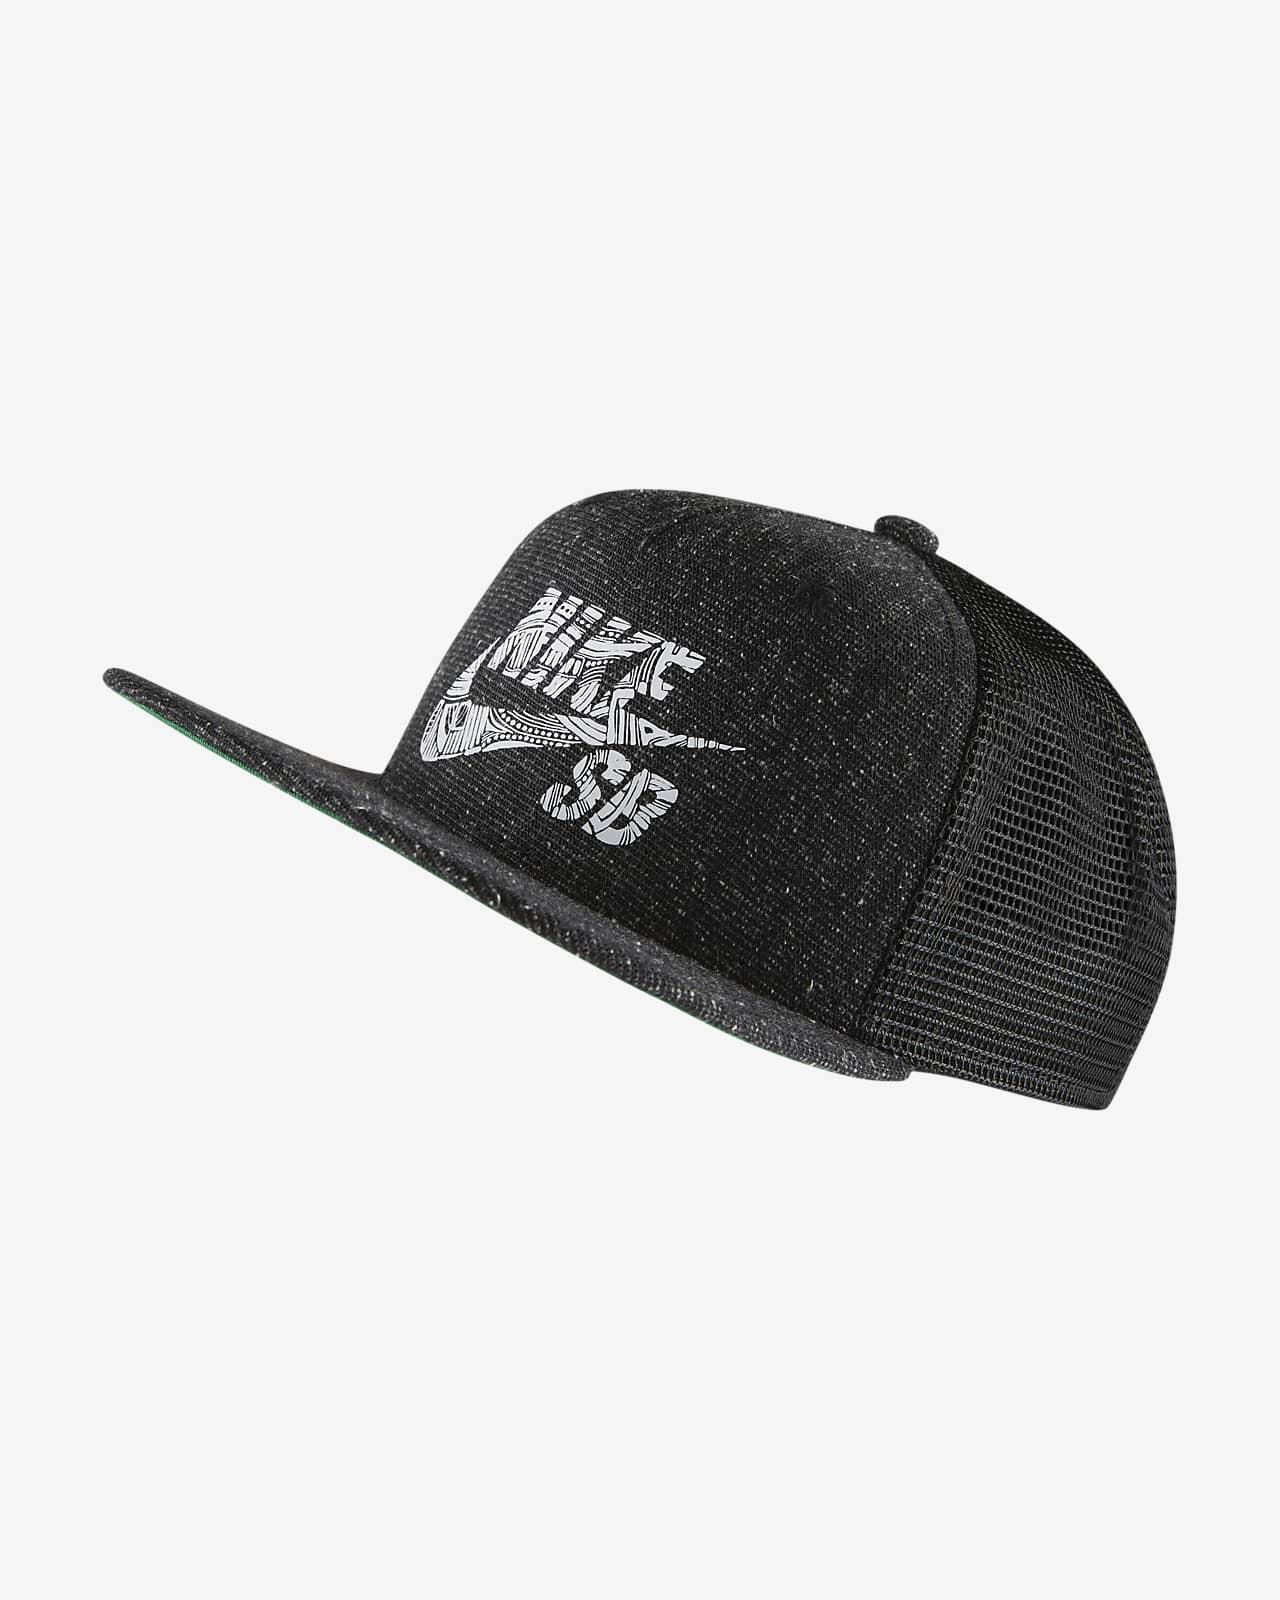 Nike SB Skate Trucker Hat